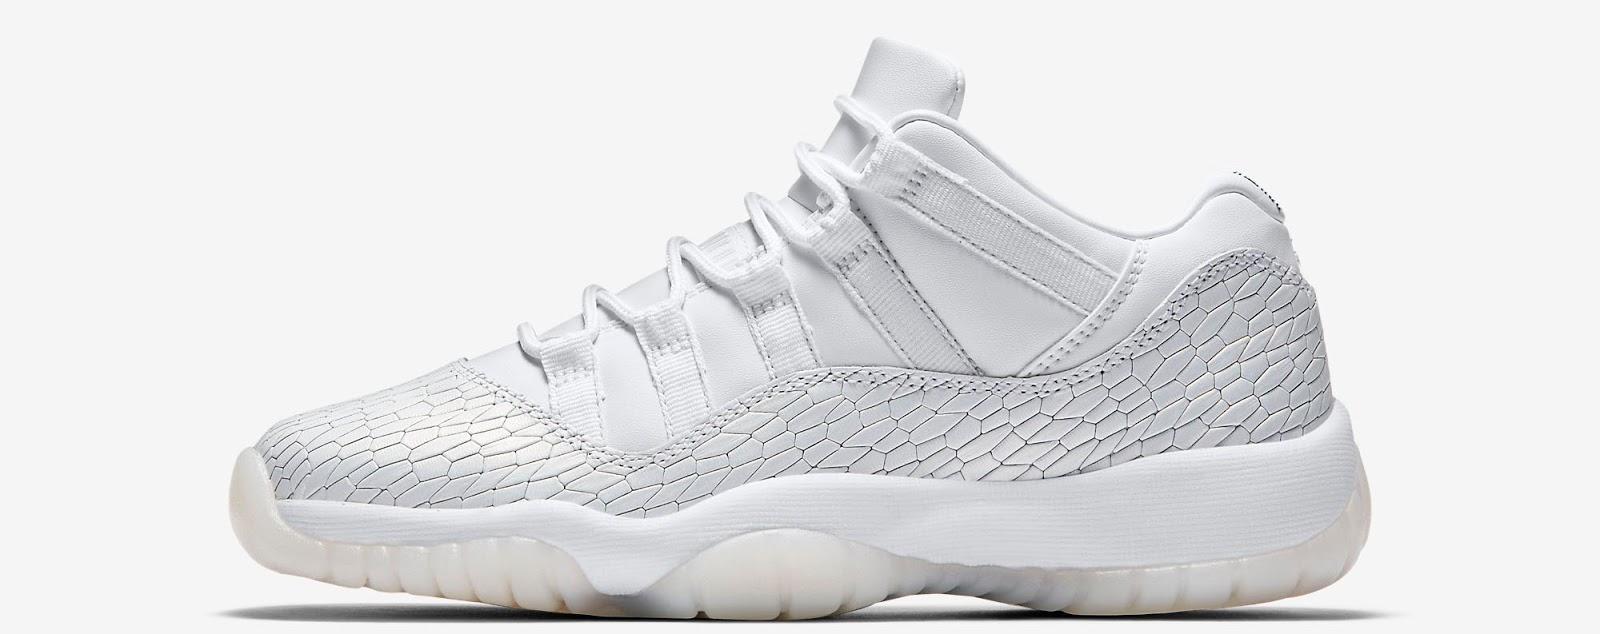 9db2733cd ajordanxi Your  1 Source For Sneaker Release Dates  Girls Air Jordan ...